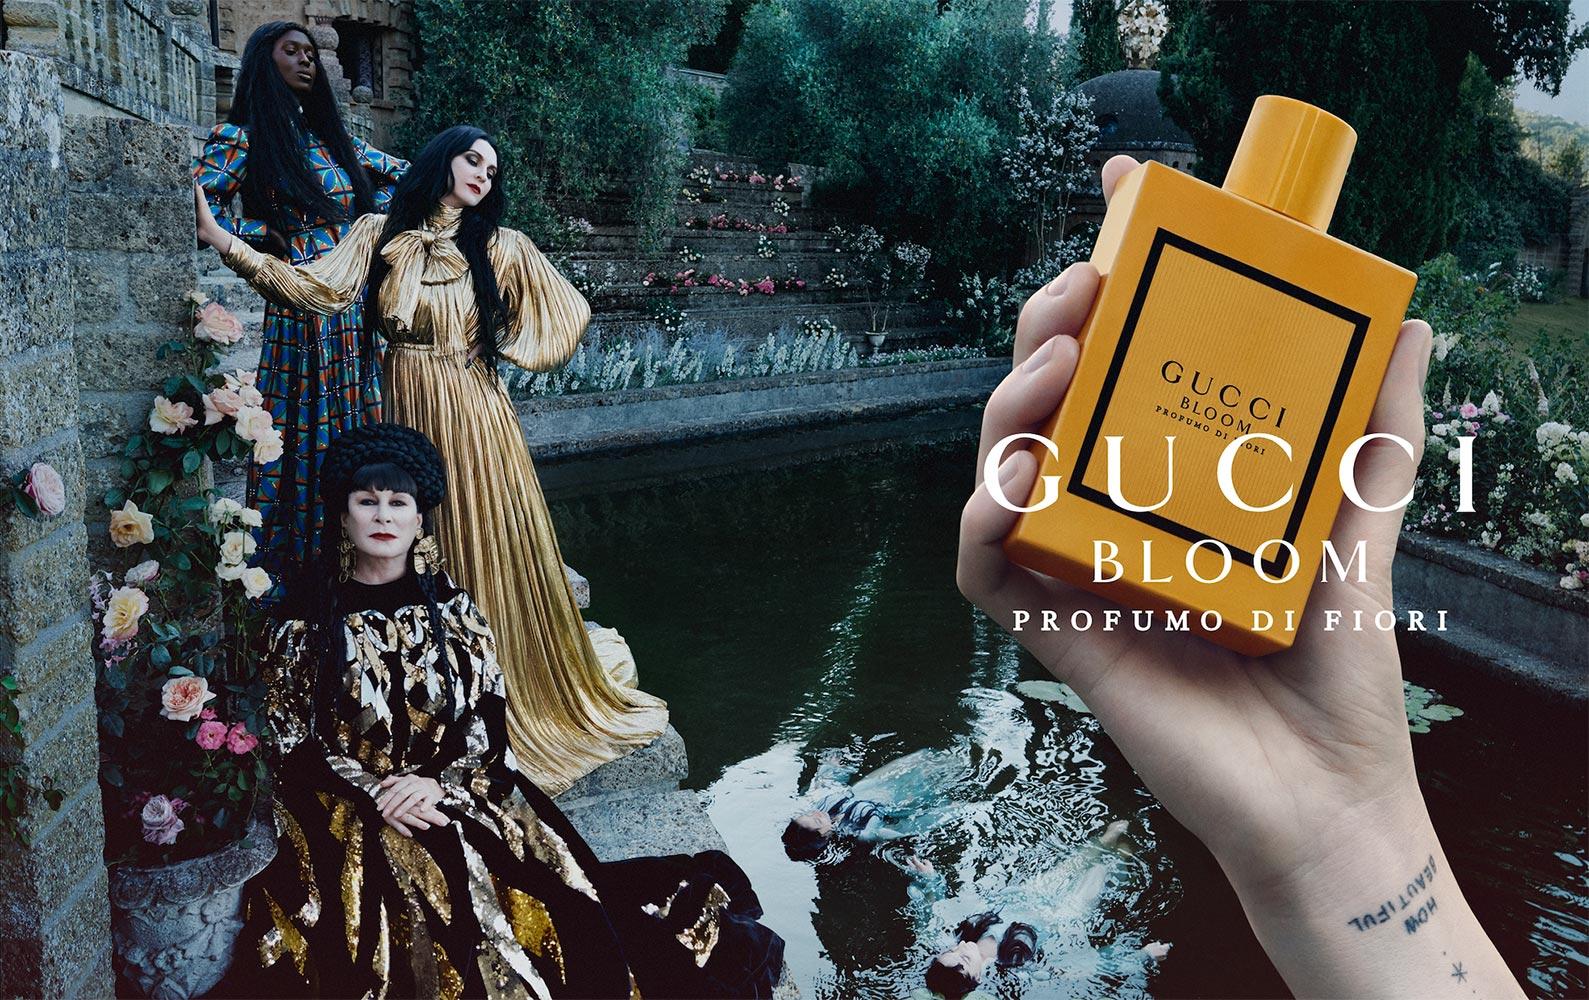 Chiến dịch quảng cáo nước hoa Gucci Bloom Profumo Di Fiori